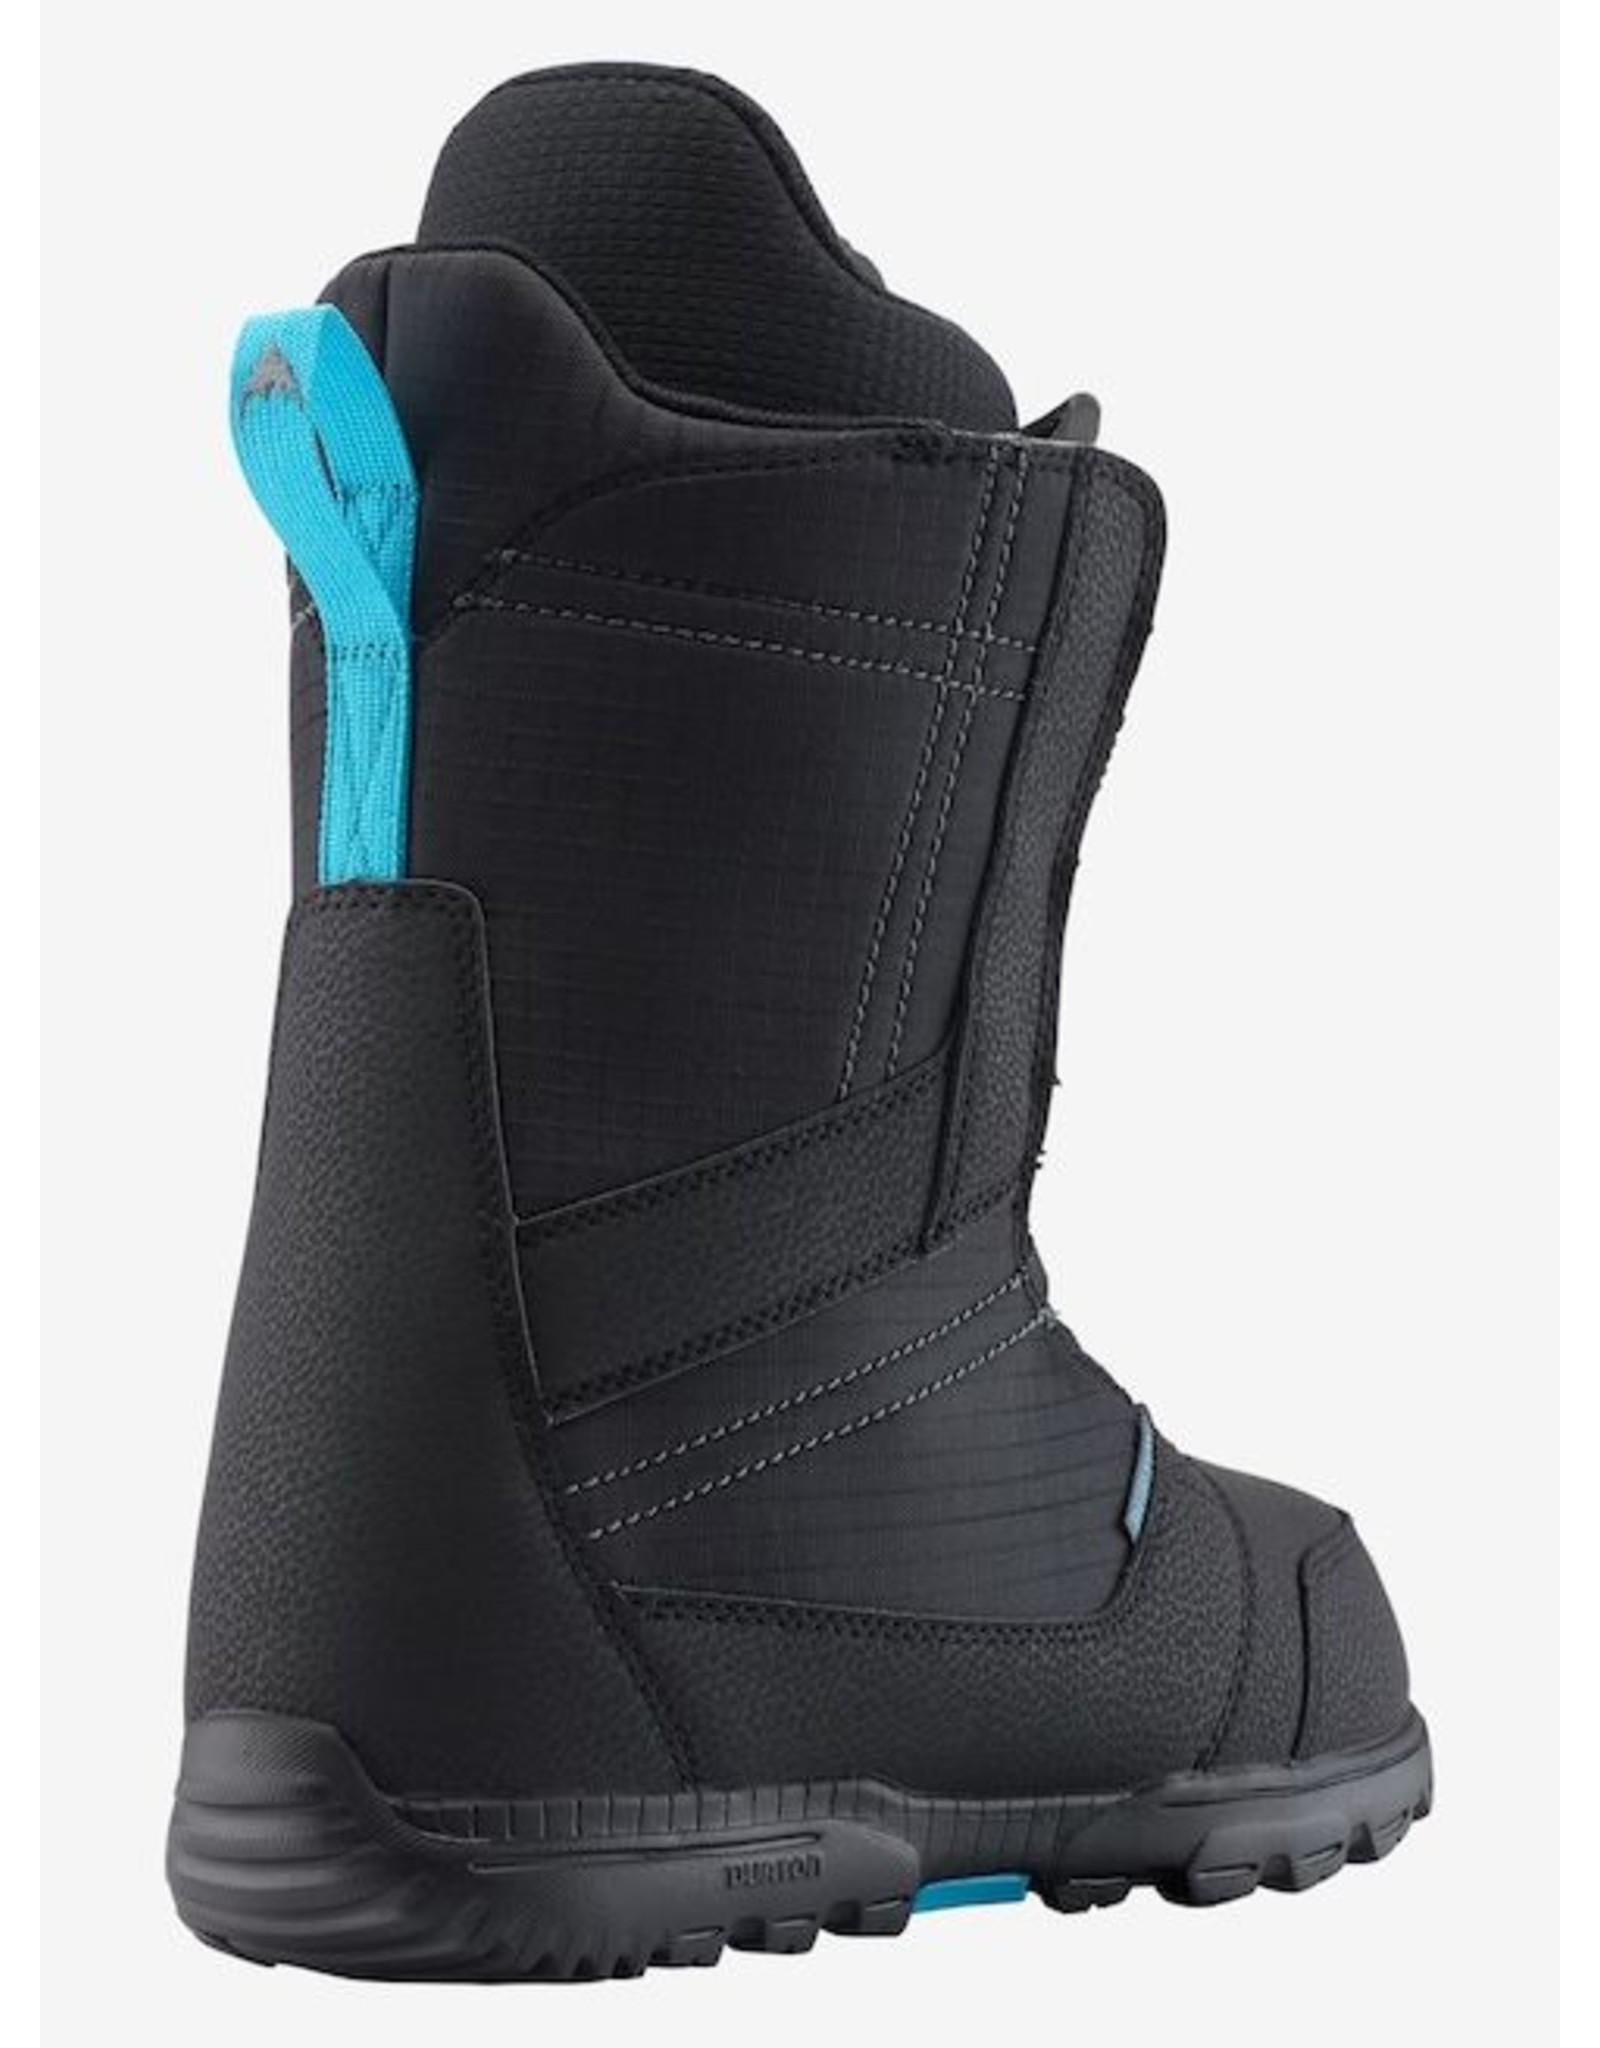 Burton Burton Men's Invader Snowboard Boot 2019